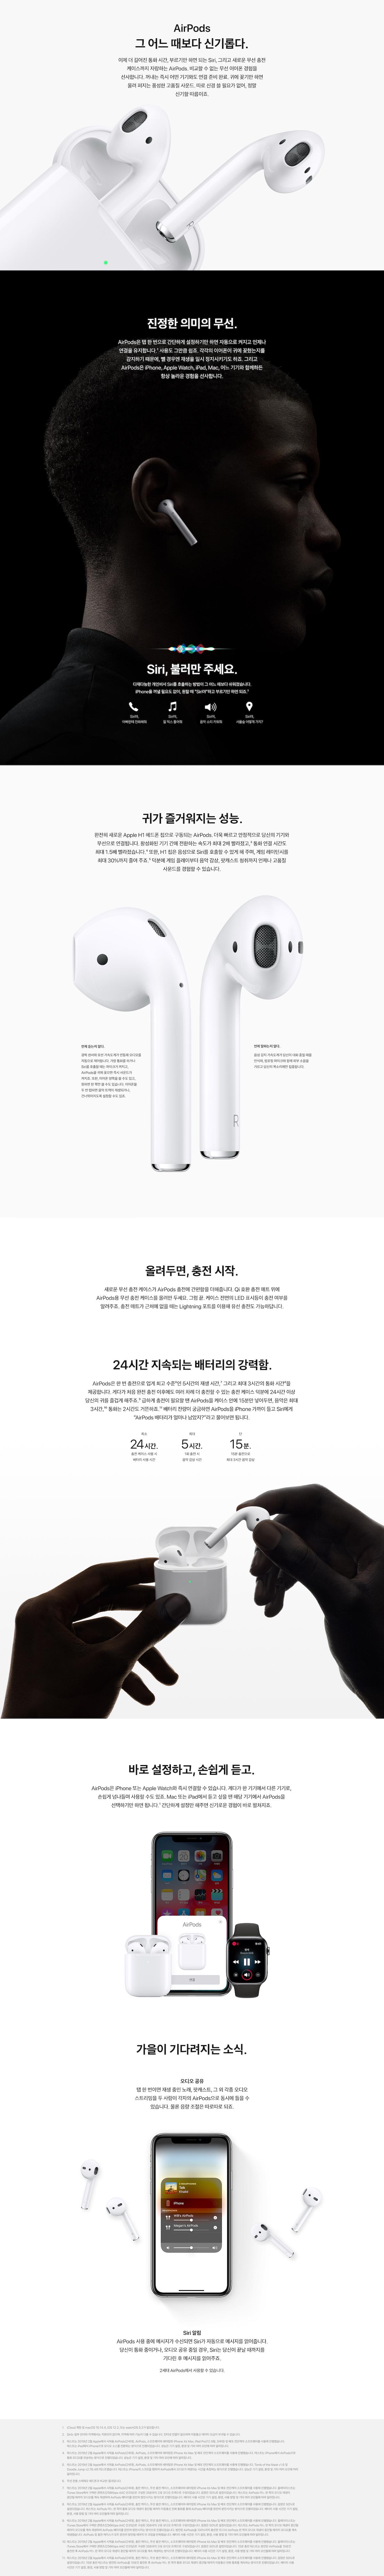 애플 국내정품 에어팟 2세대 무선 MRXJ2KH 당일출고 - 찰스컴퍼니, 221,000원, 이어폰, 블루투스 이어폰